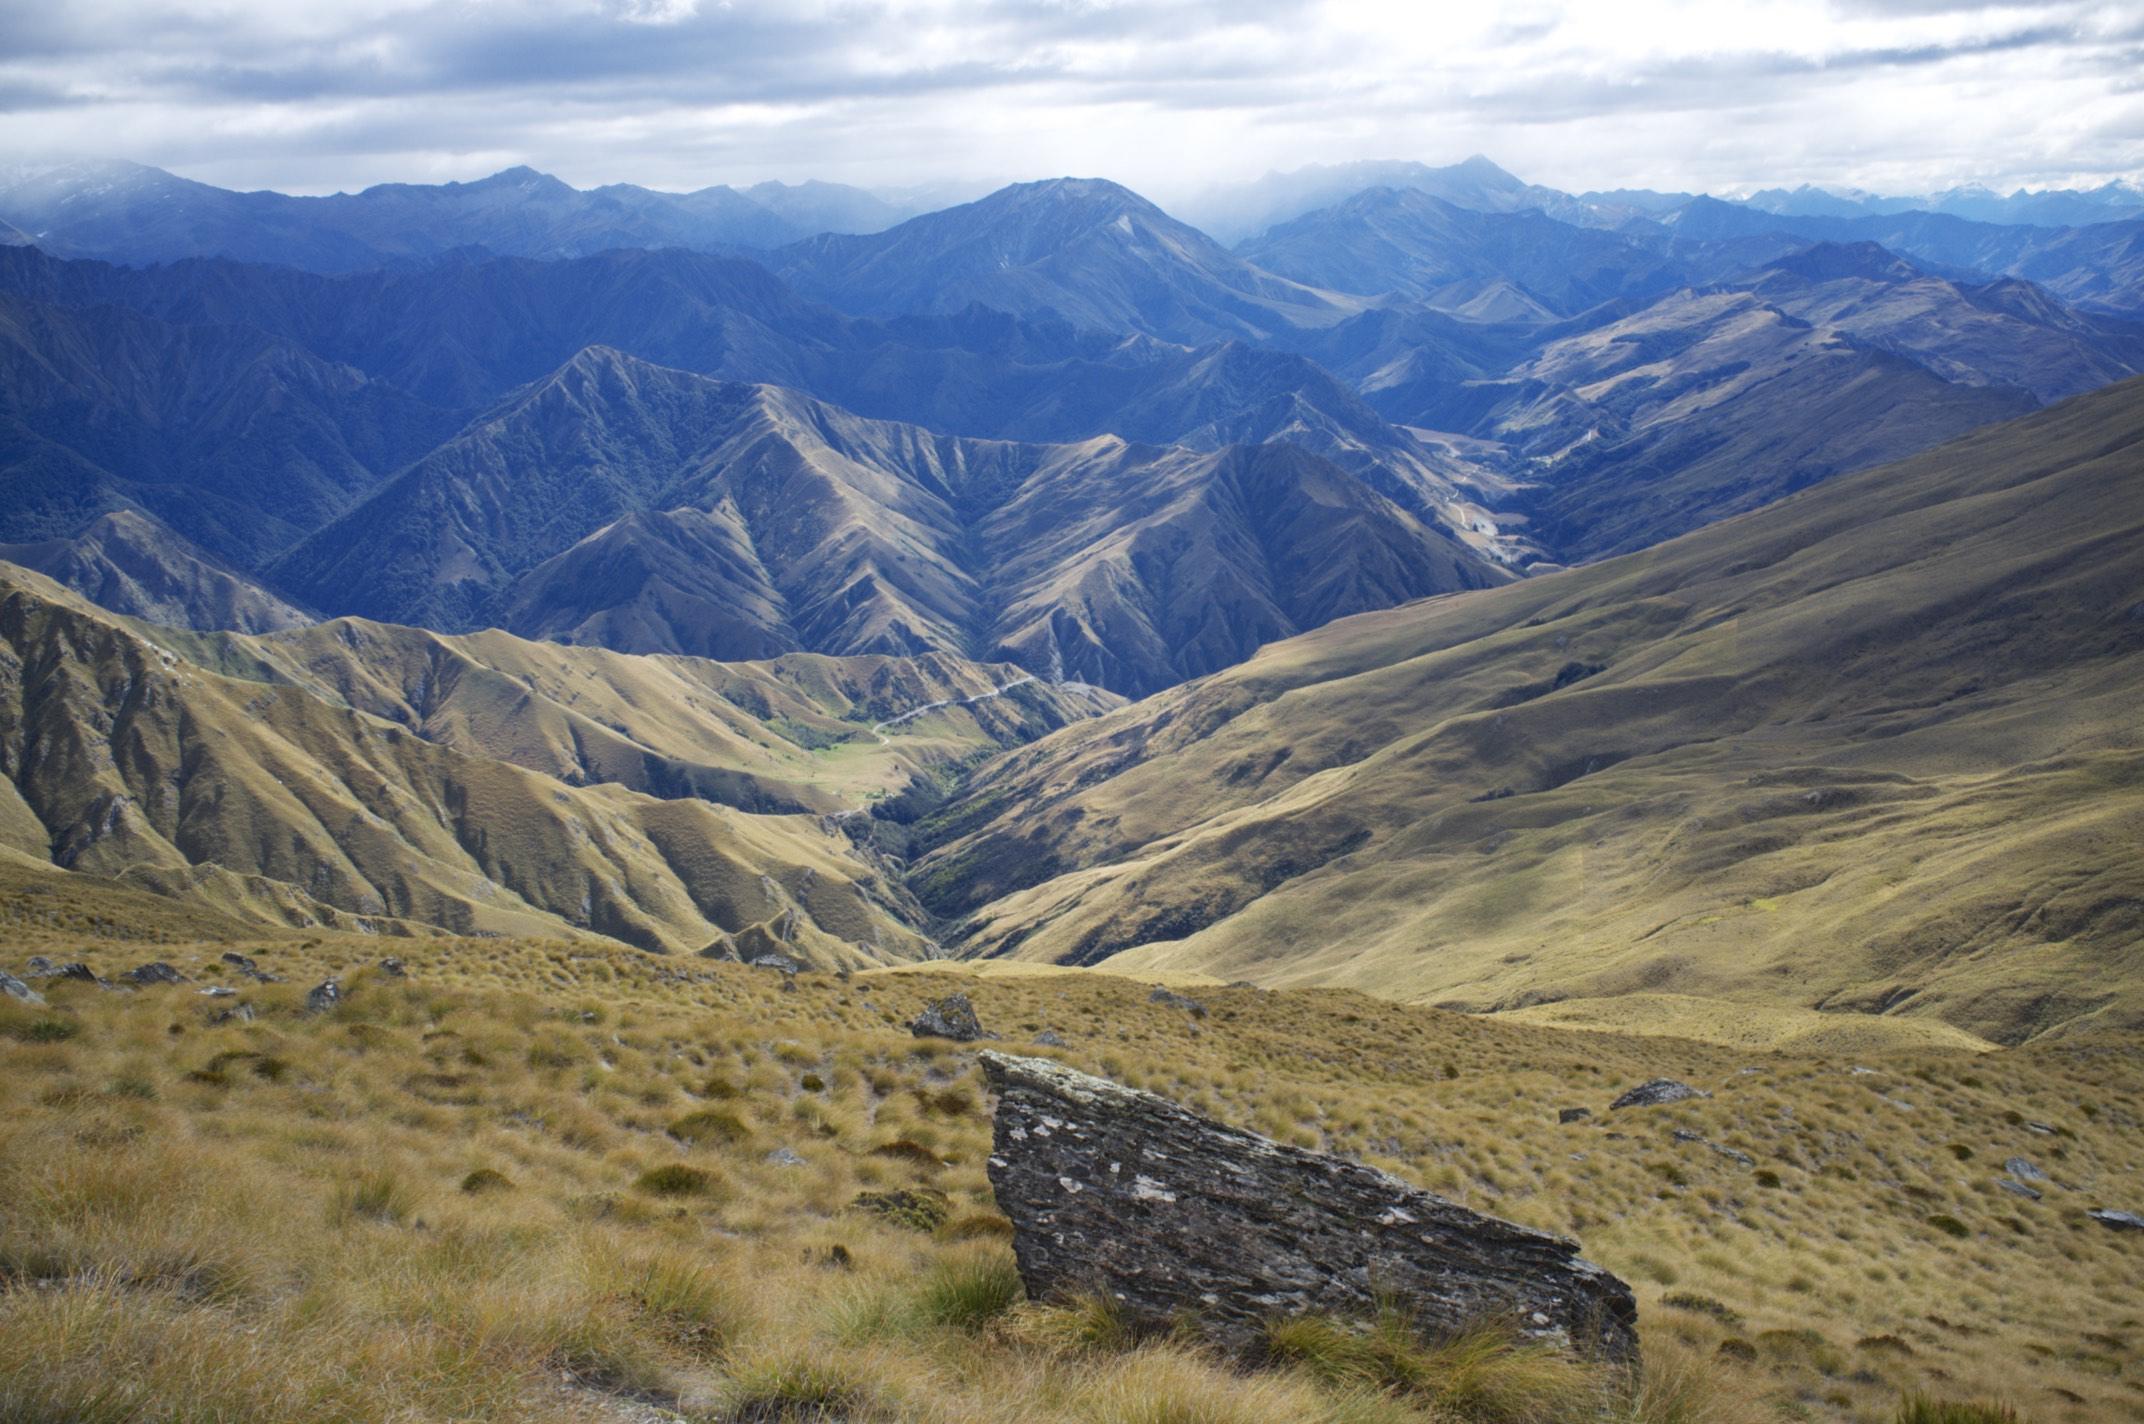 View from Ben Lomond Summit (1700 m).